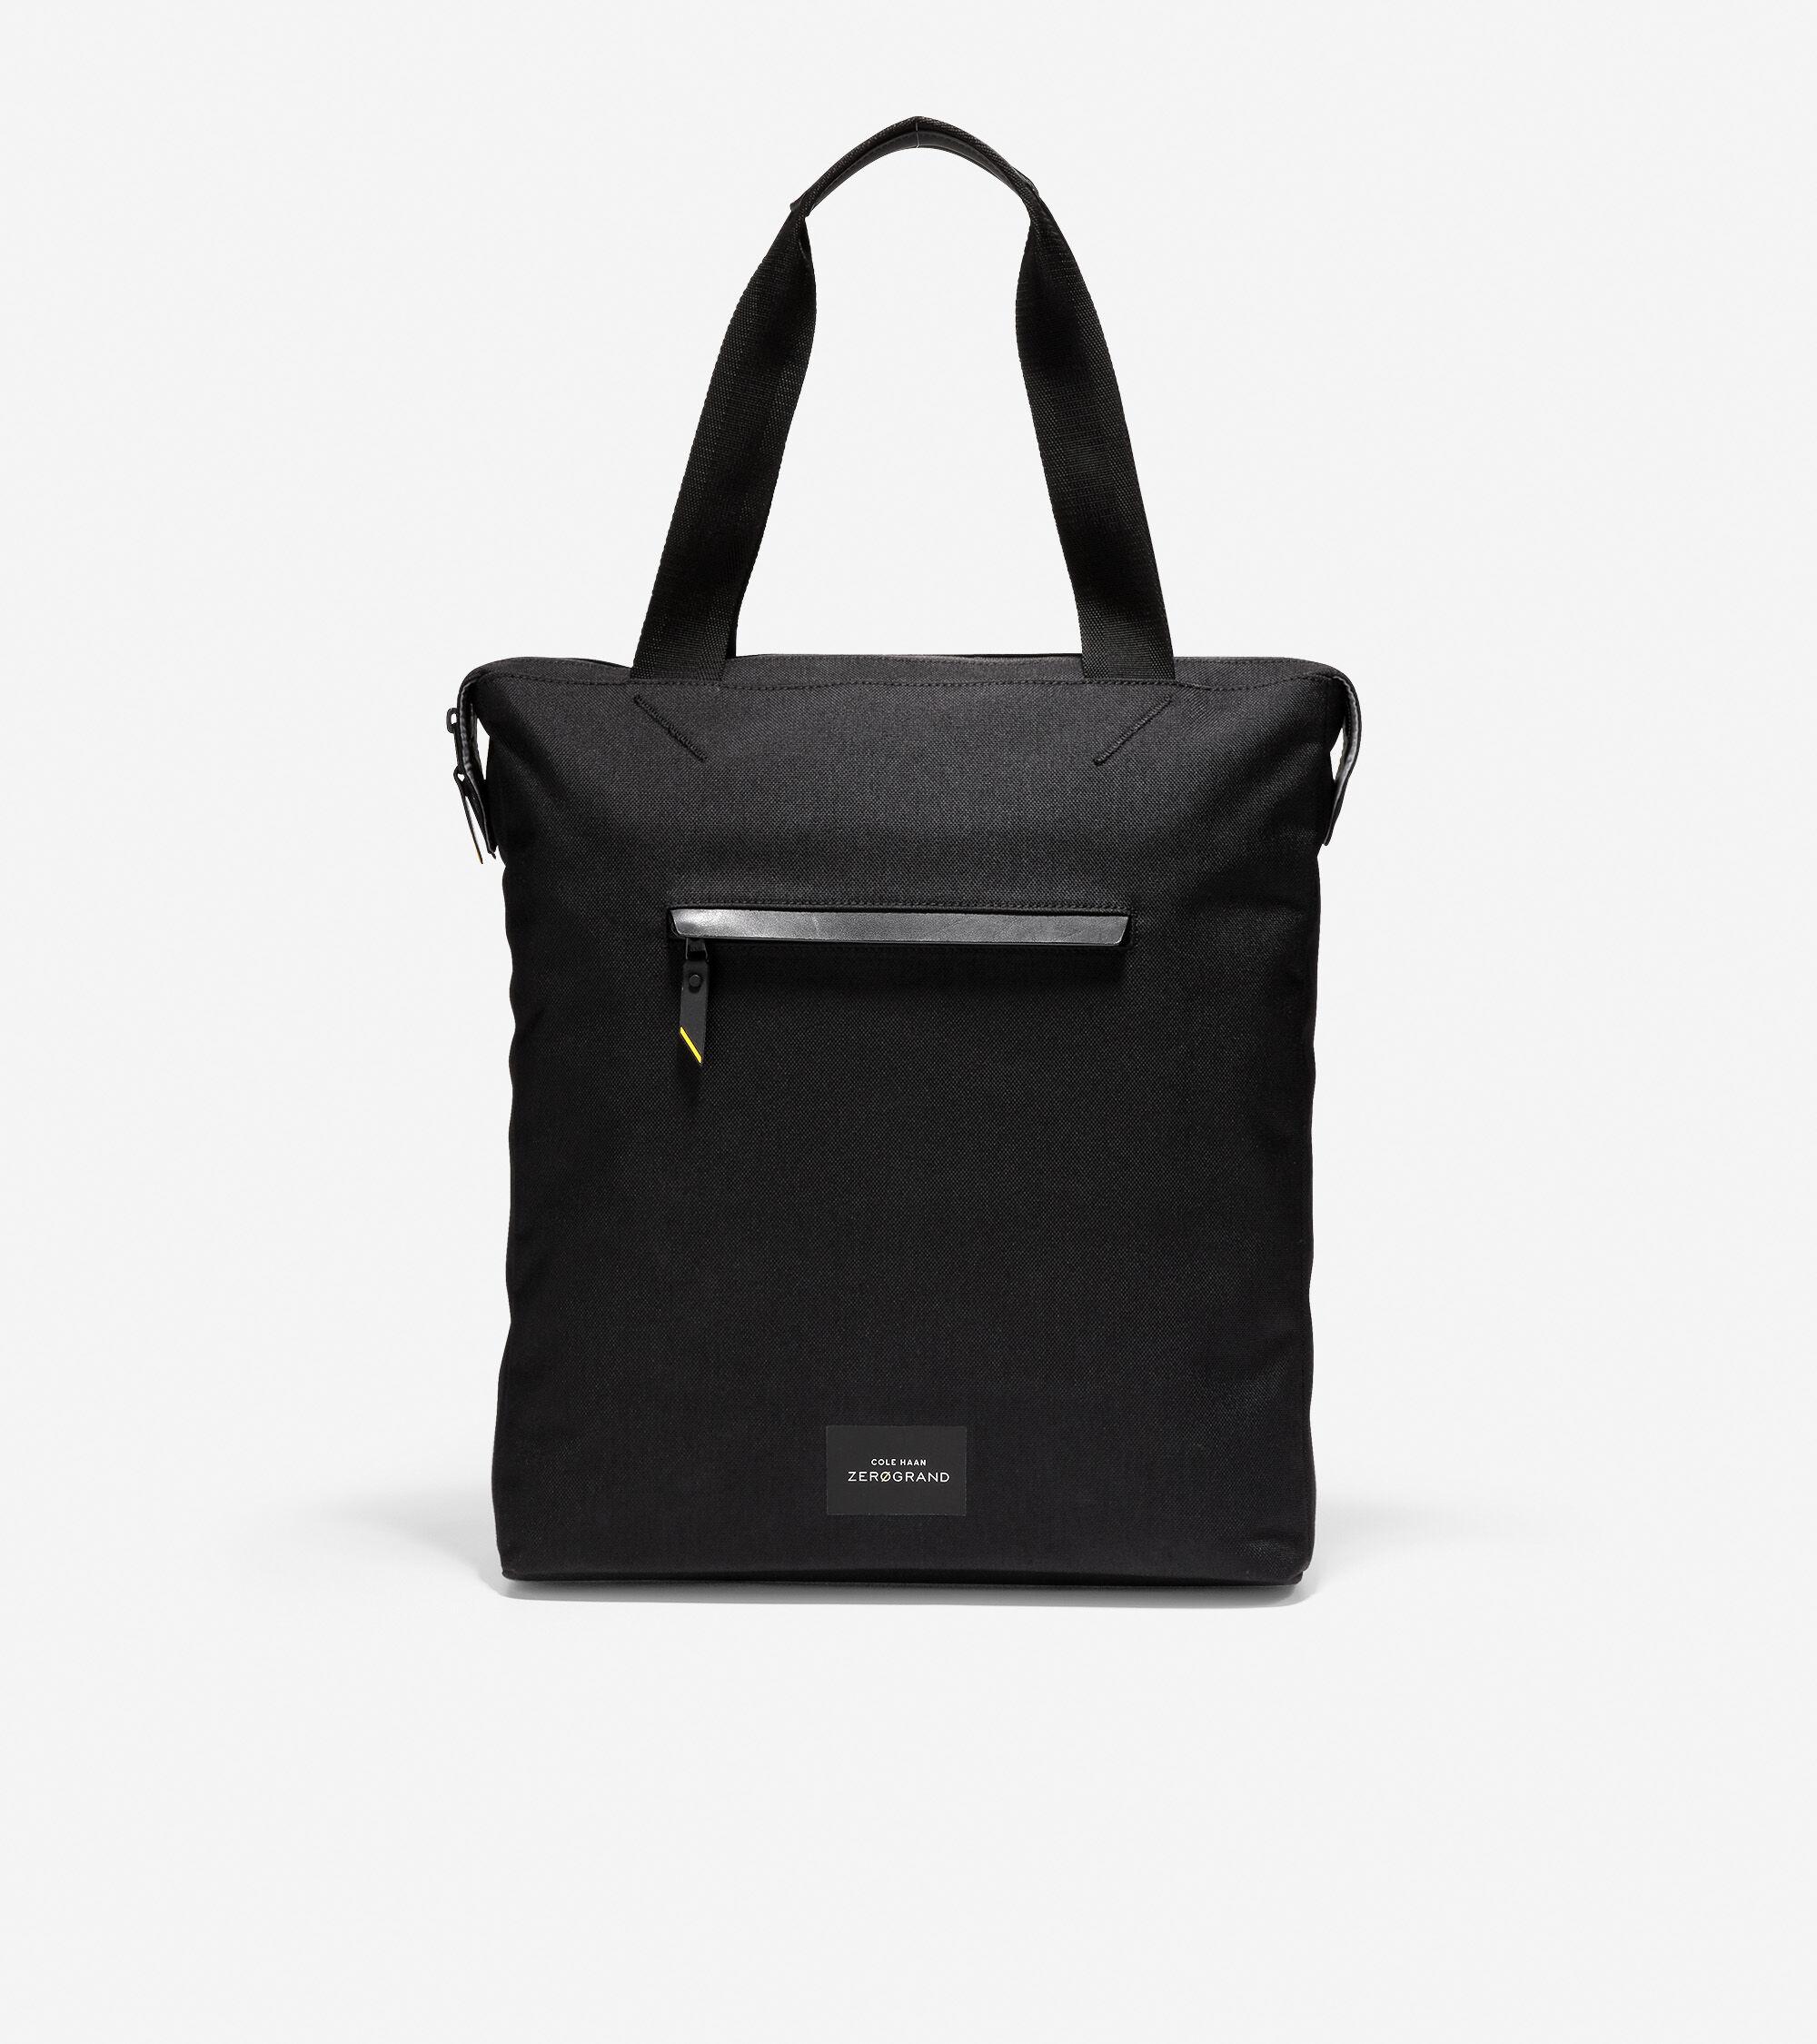 Cole Haan Men's ZEROGRAND Laptop Bag